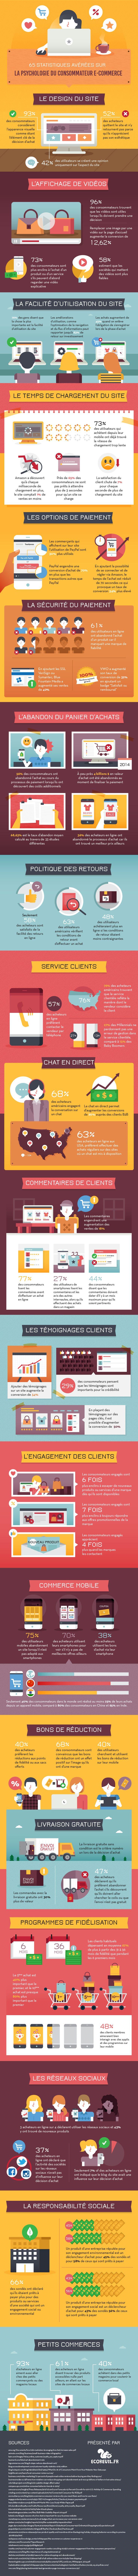 65 faits sur la psychologie du consommateur en E-commerce - source : https://www.ecoreuil.fr/blog/65-faits-sur-la-psychologie-du-consommateur-en-e-commerce